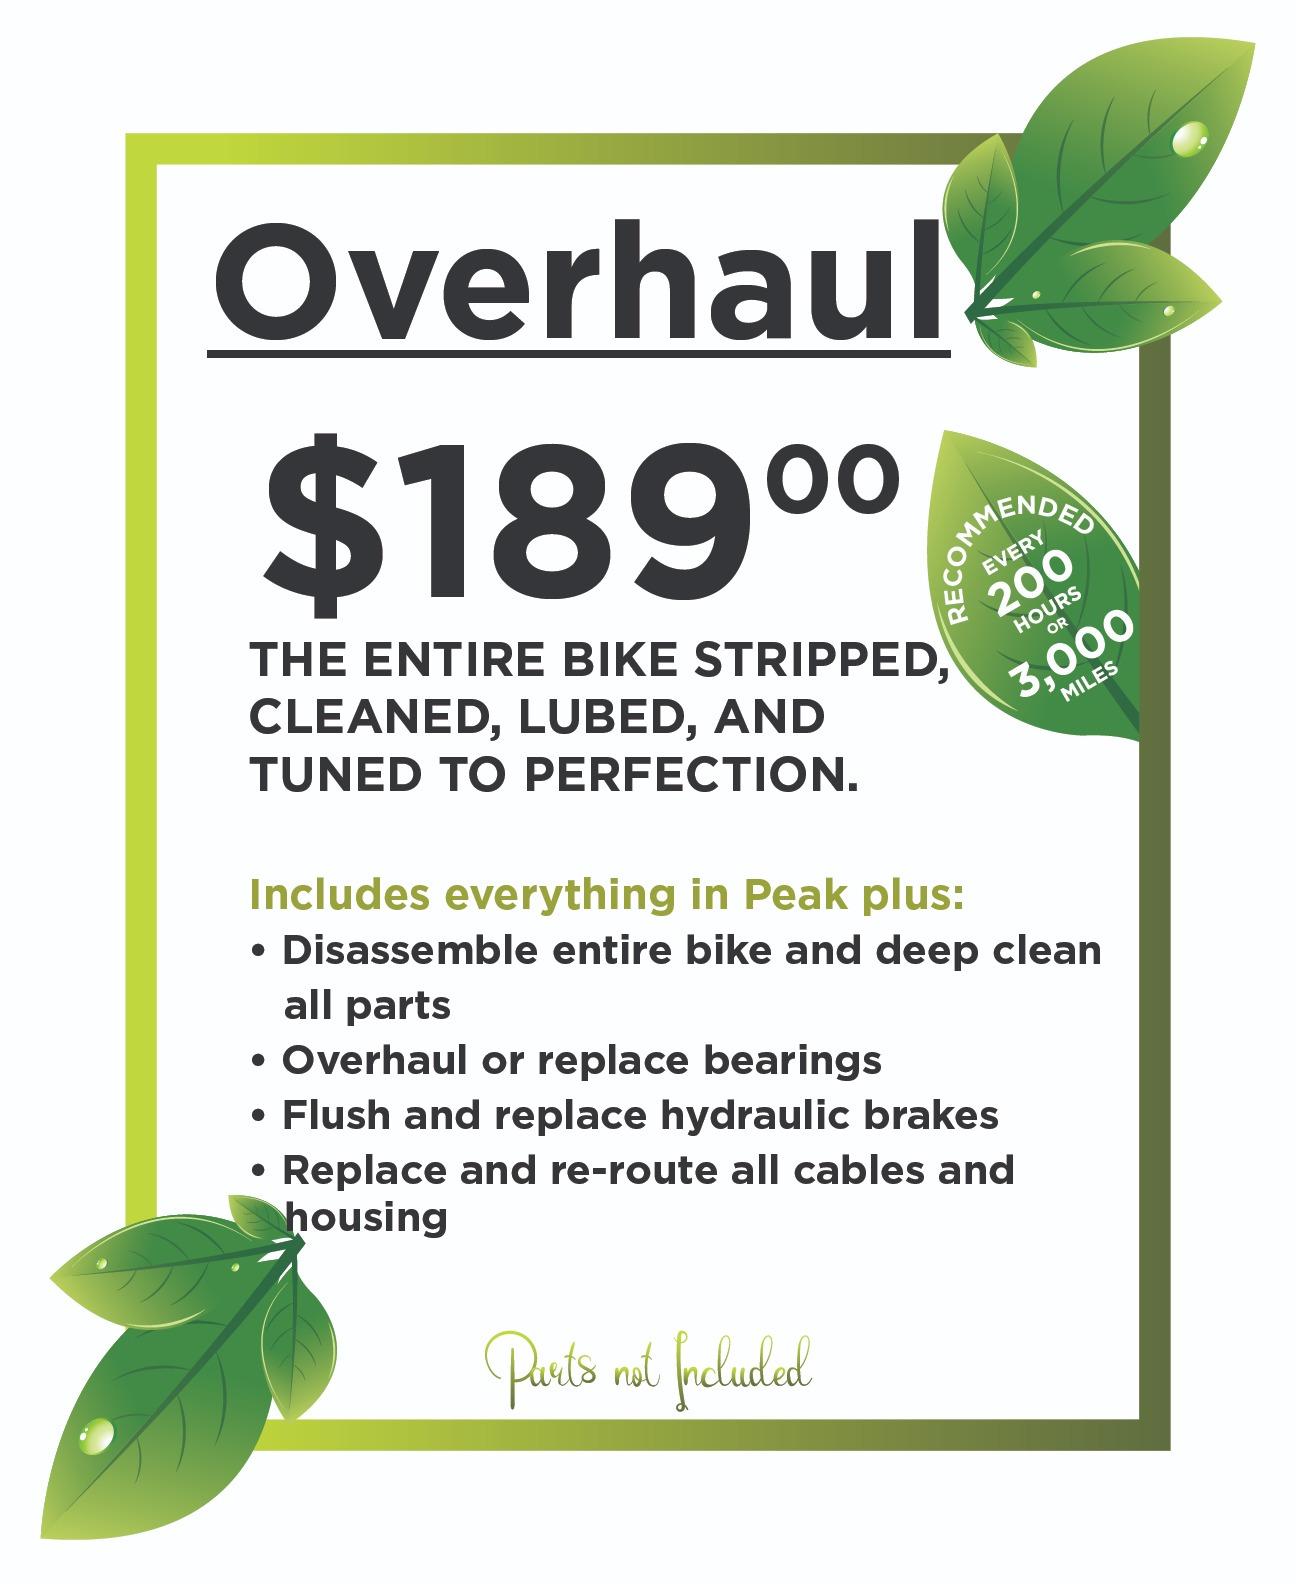 Overhaul $189